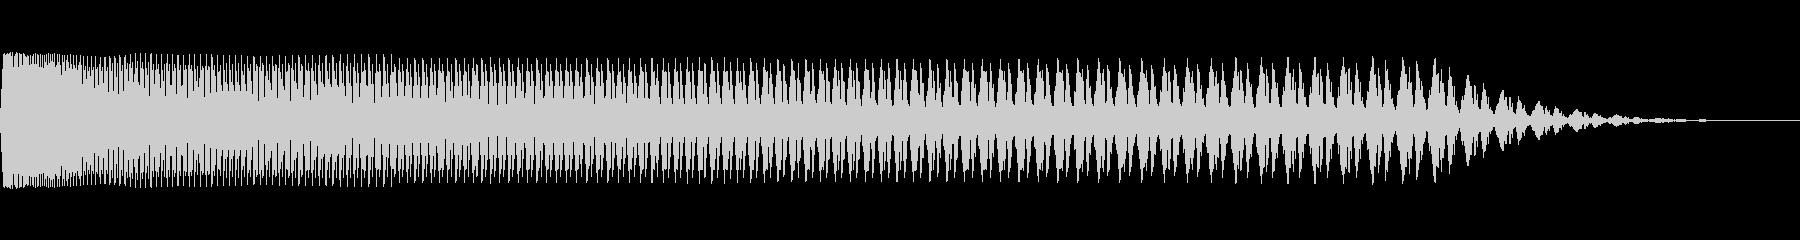 ダウンダウンソルブ1の未再生の波形